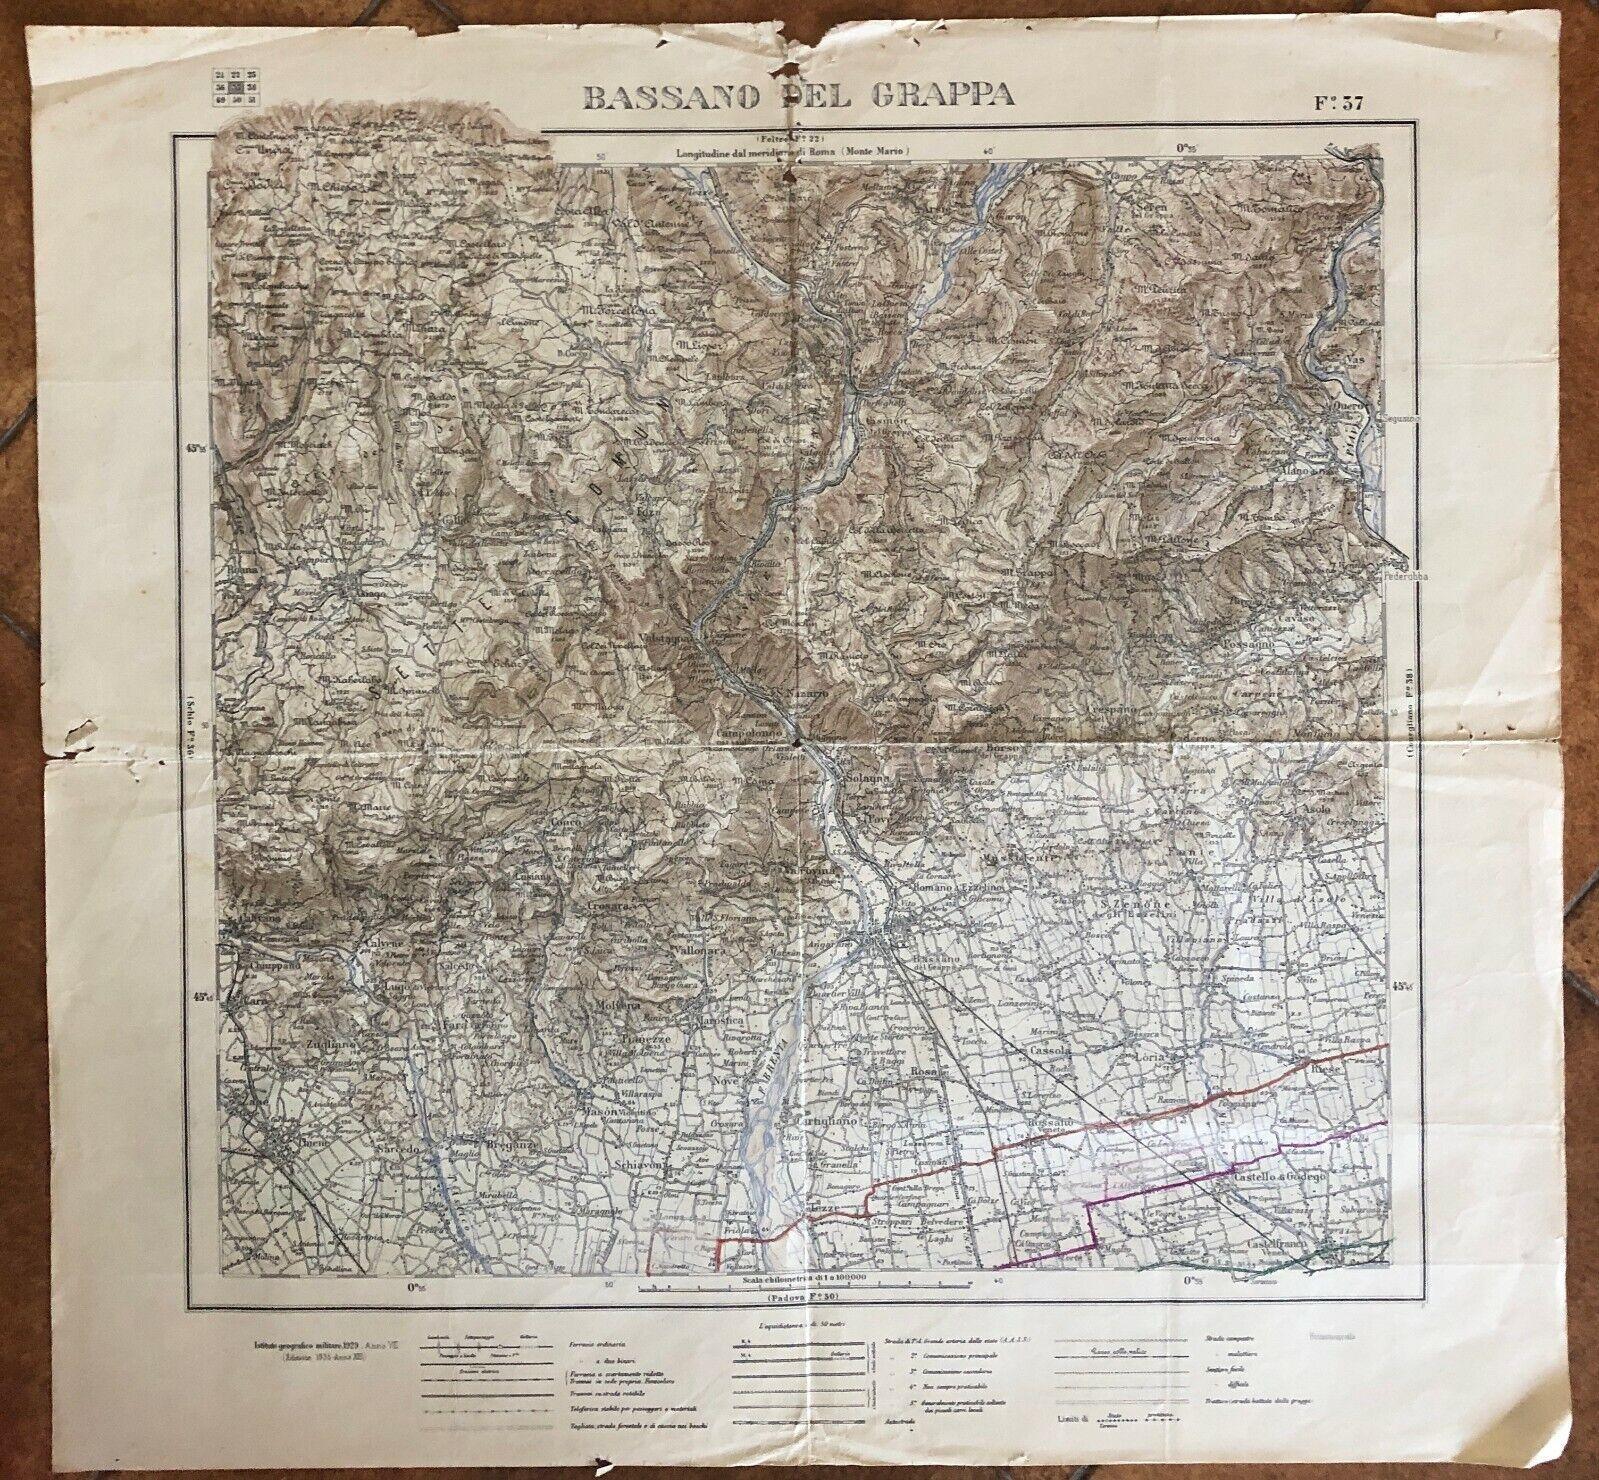 Cartina Geografica Bassano Del Grappa.Cartina Militare Bassano Del Grappa Ebay